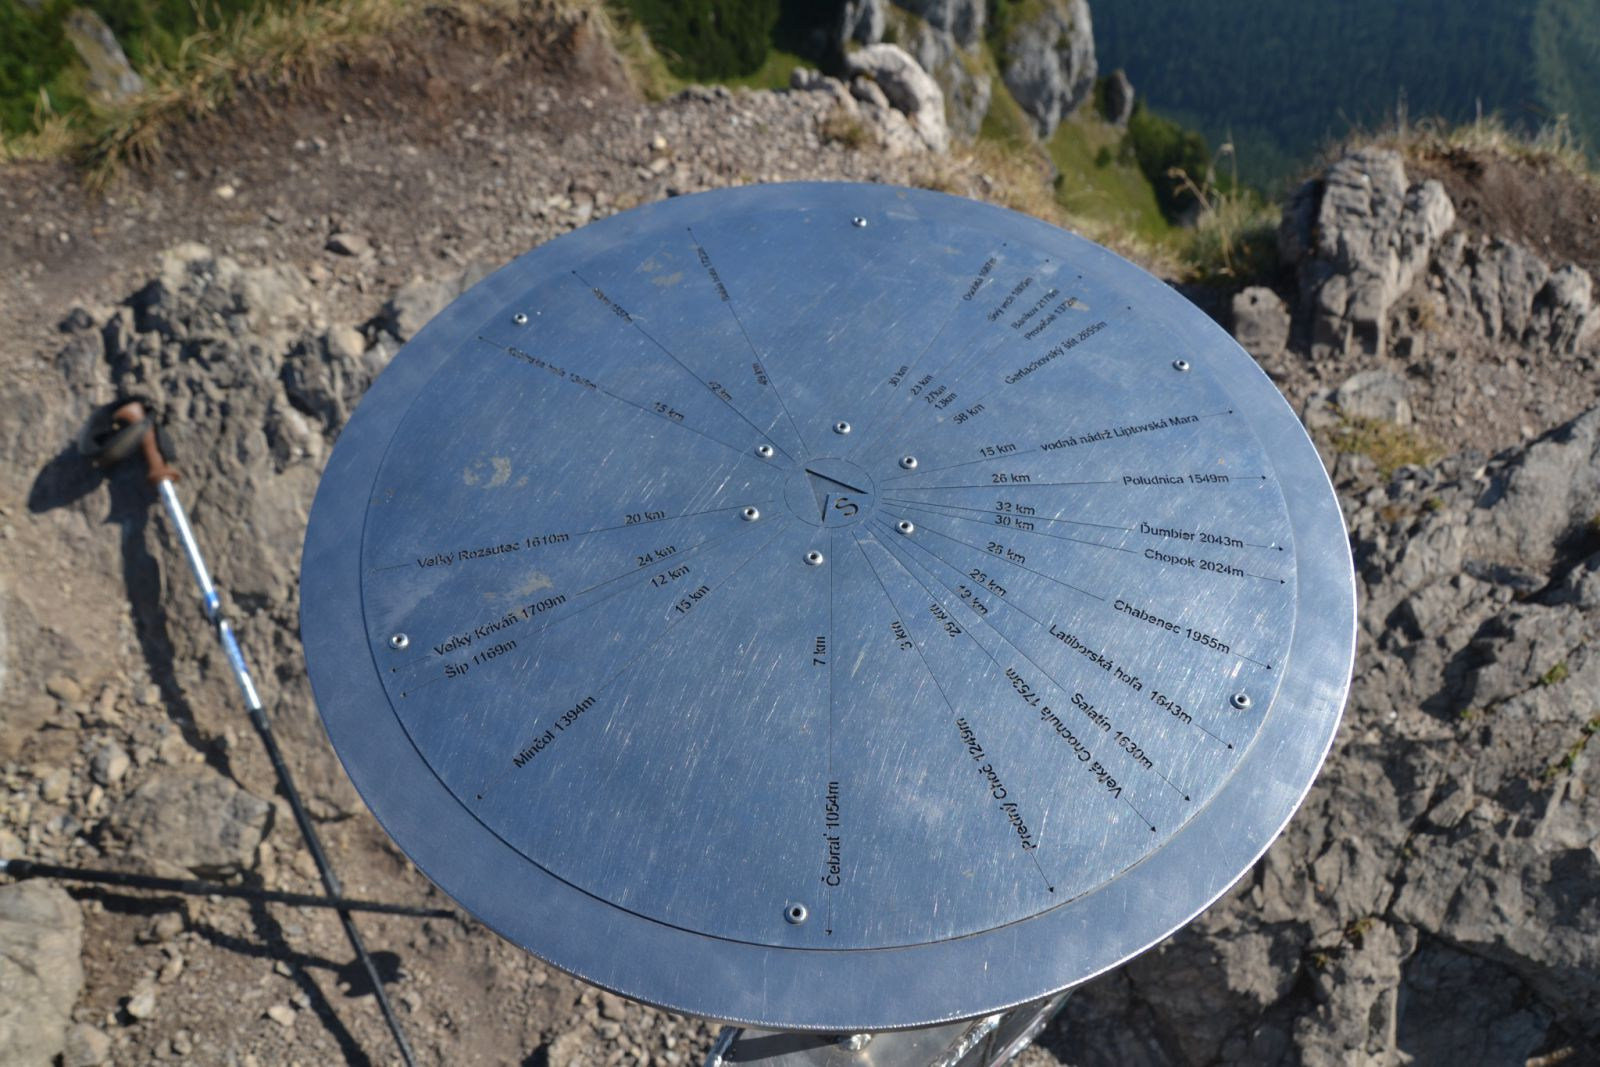 13 08 07 09.26.14 Směrovník na vrcholku Choče